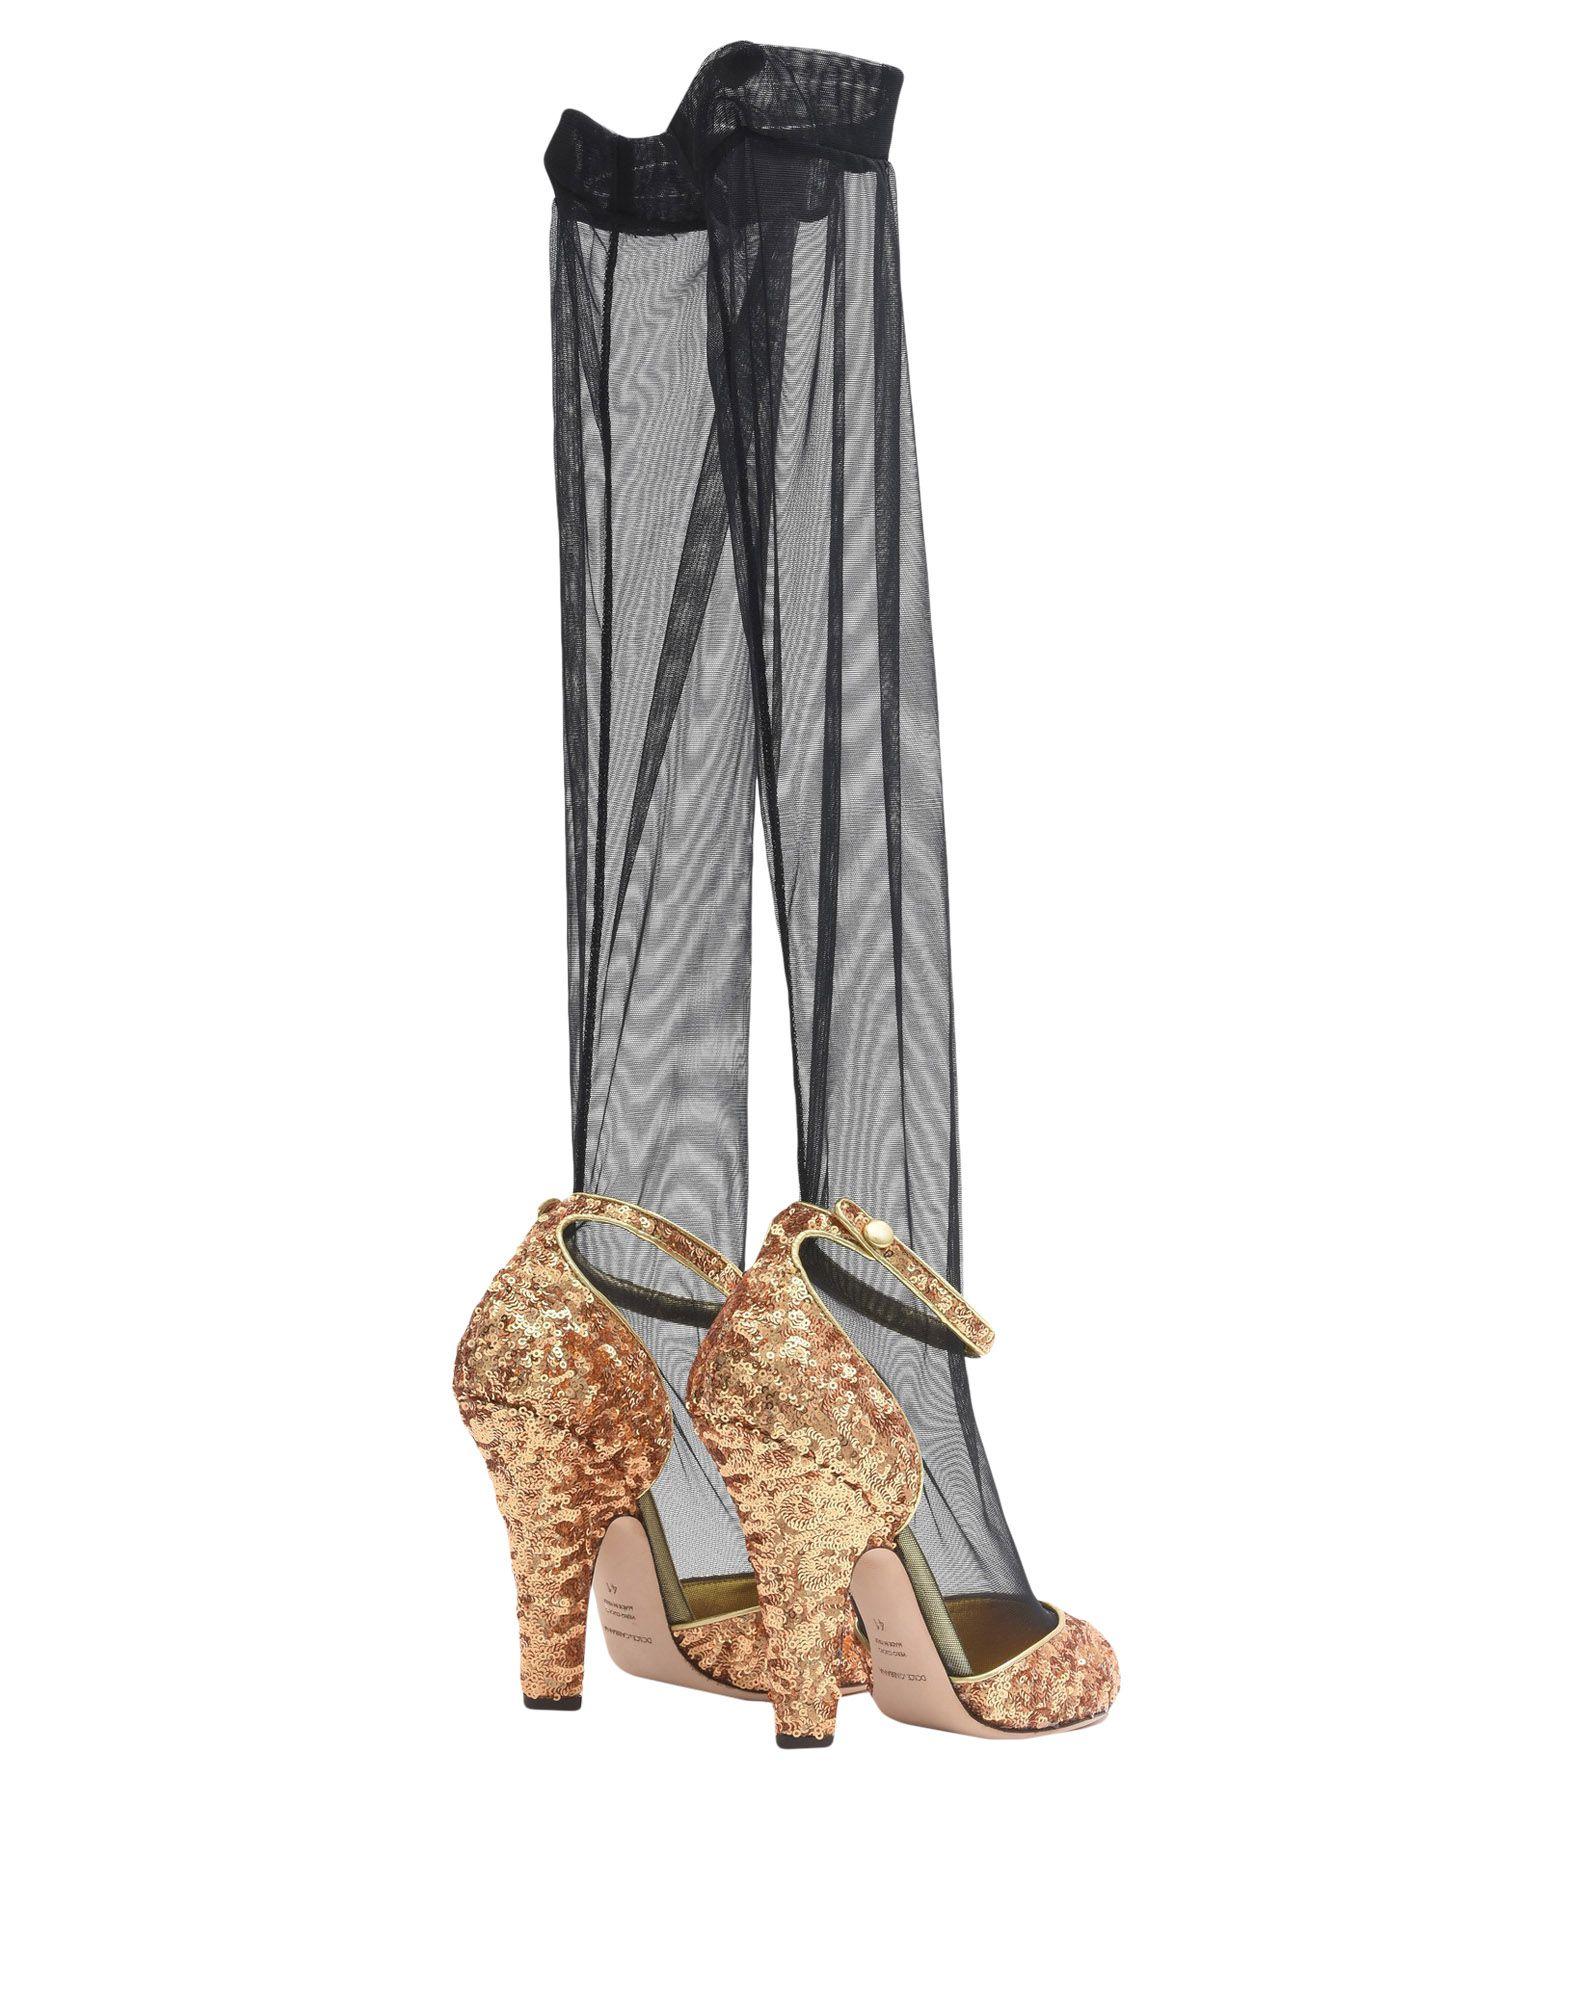 Rabatt Schuhe Dolce Damen & Gabbana Pumps Damen Dolce  11488484KK cddd83